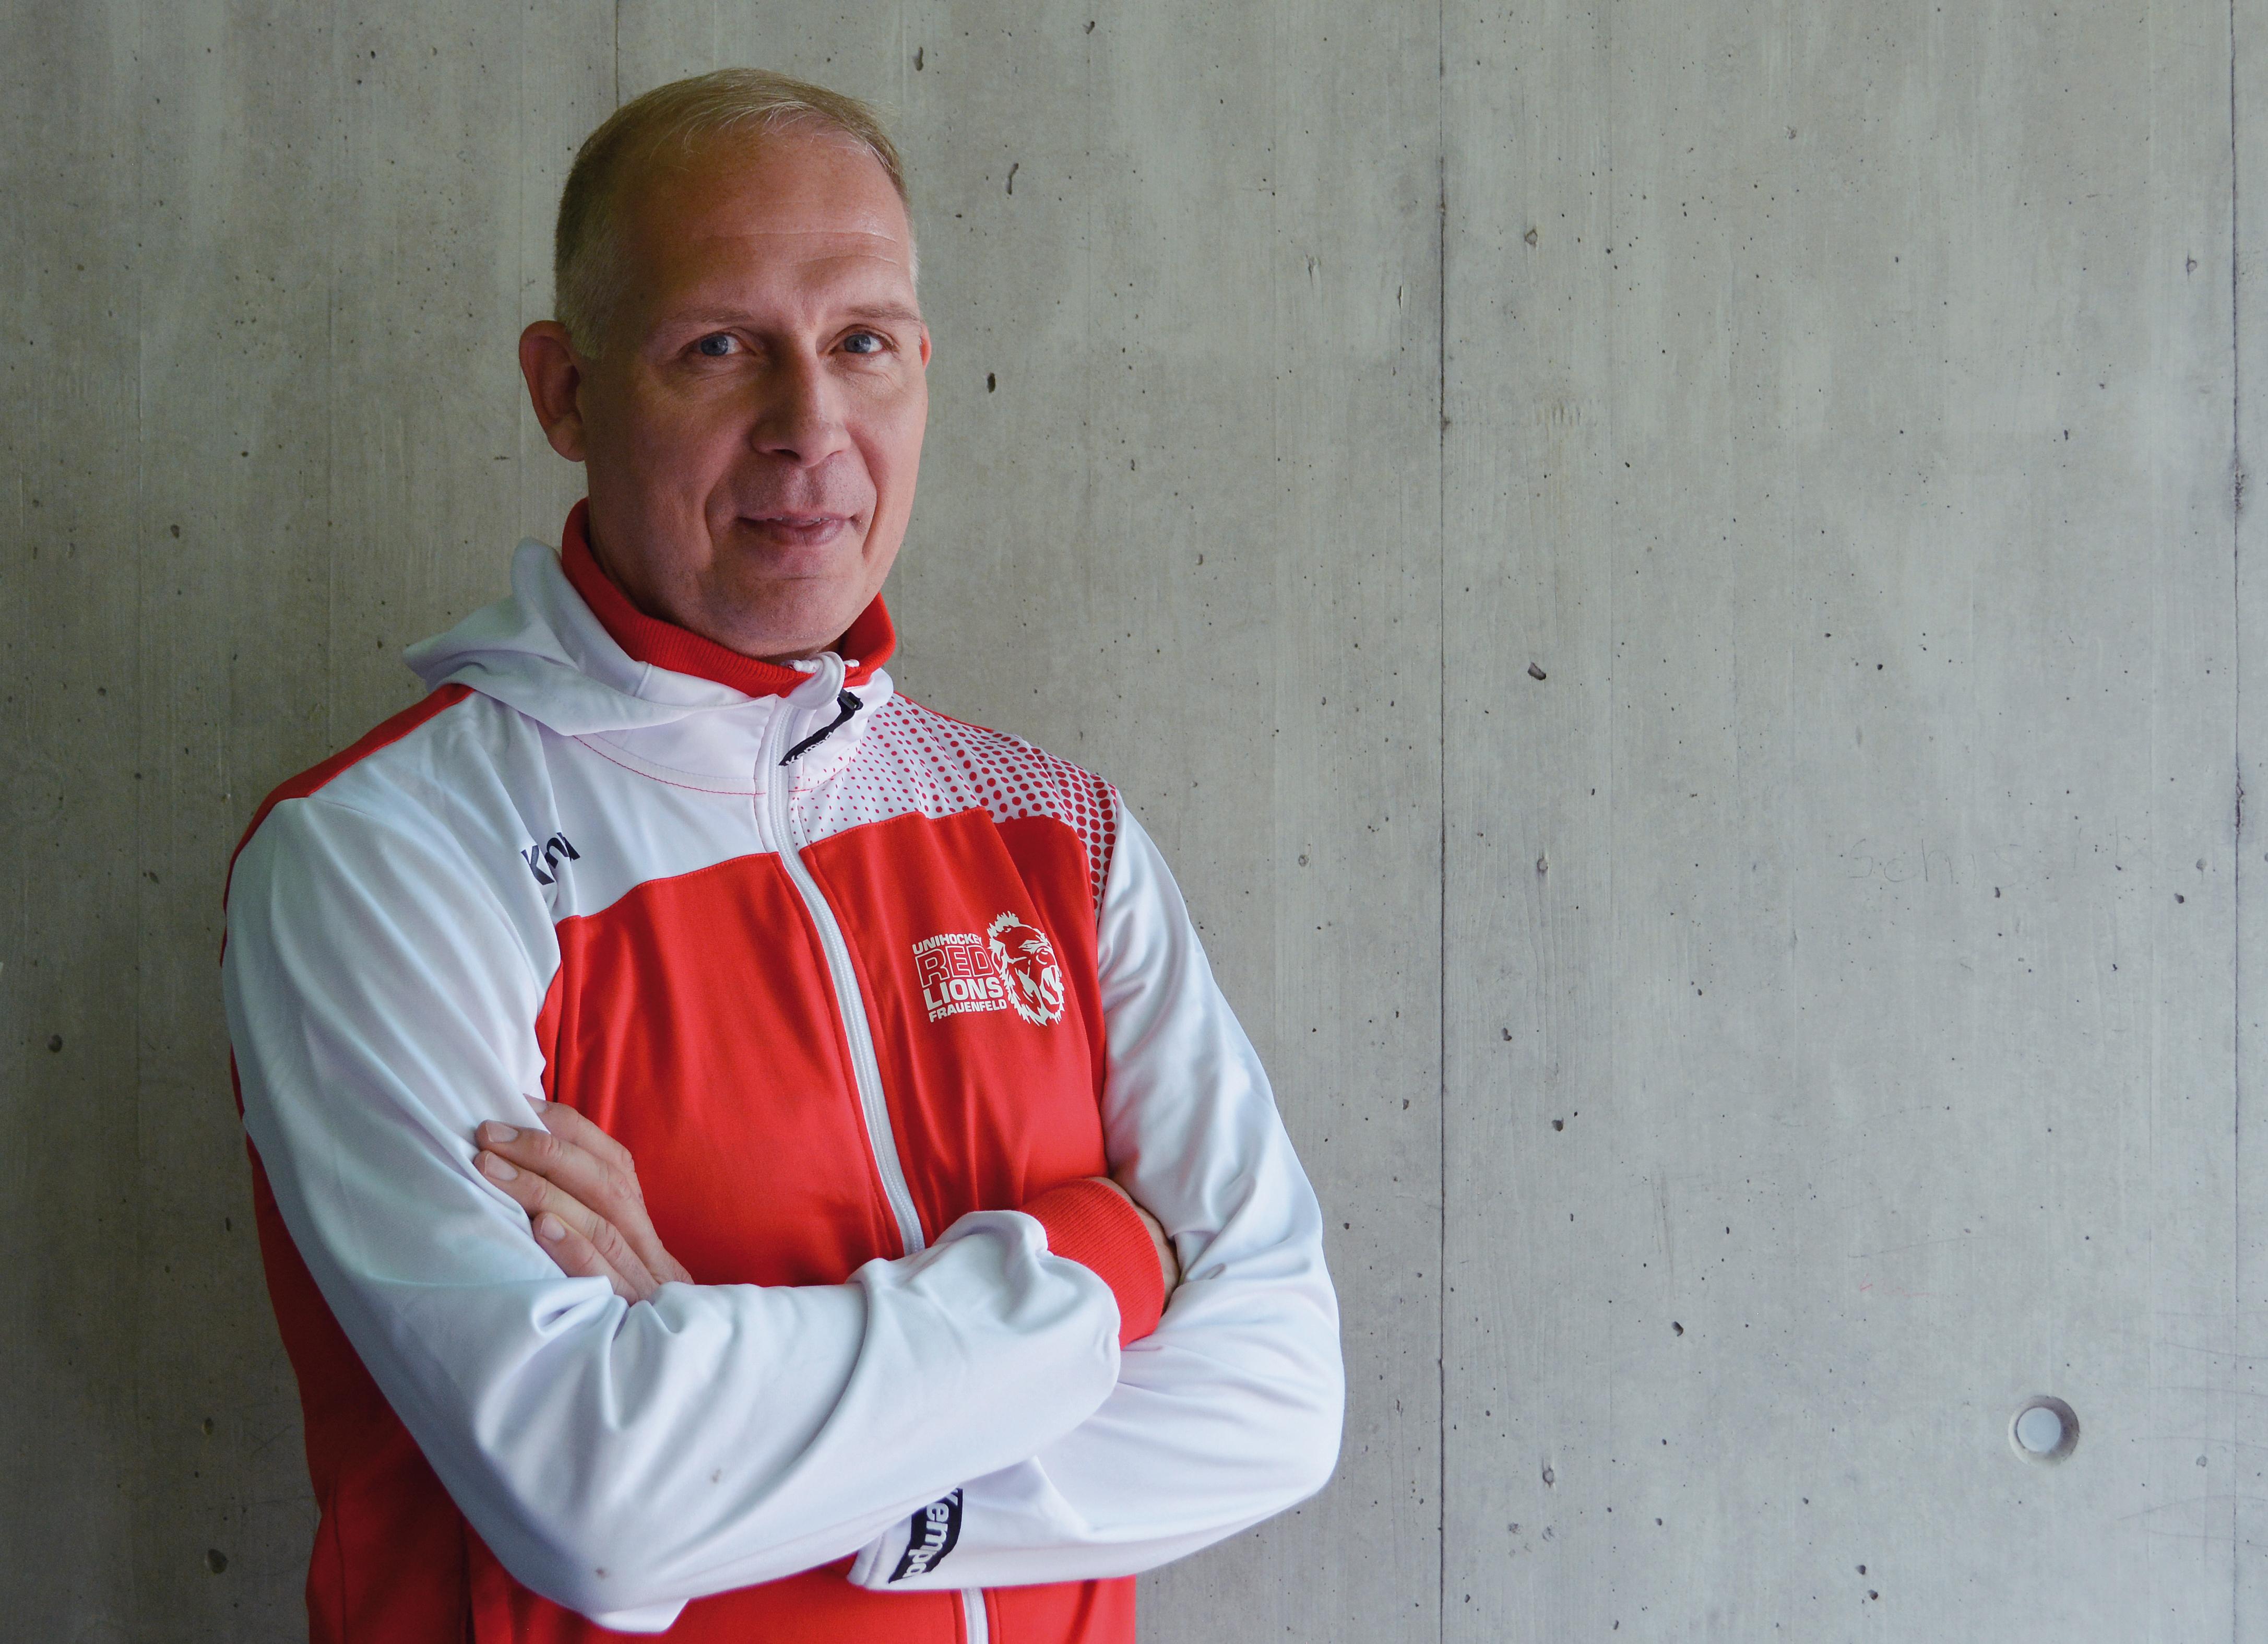 Patrick Simon kümmert sich als Sportchef um die Förderung der U17- und U21-Juniorinnen